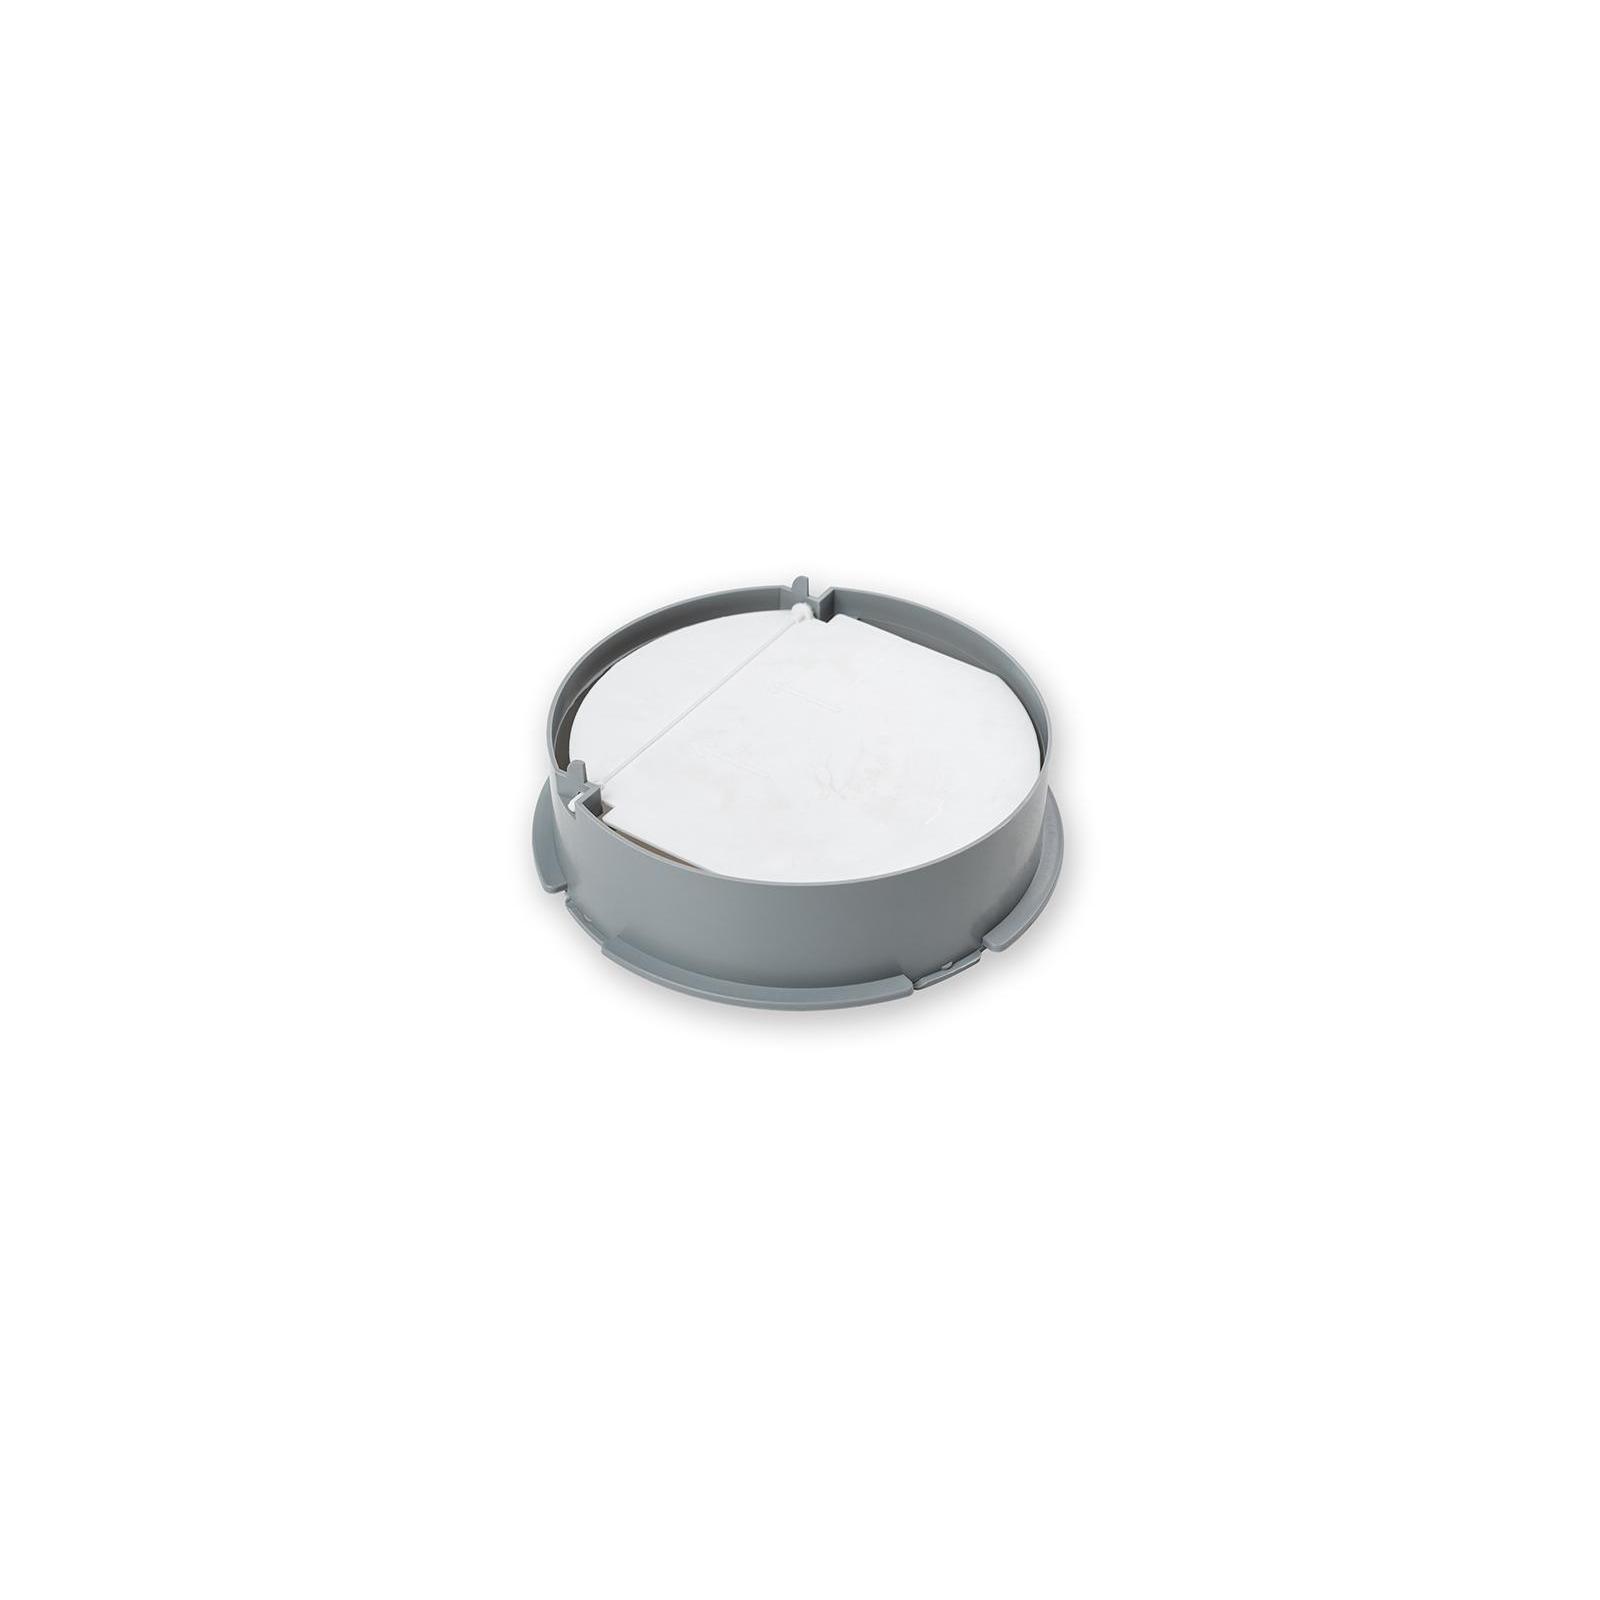 Вытяжка кухонная MINOLA HBI 5321 IV 750 изображение 2